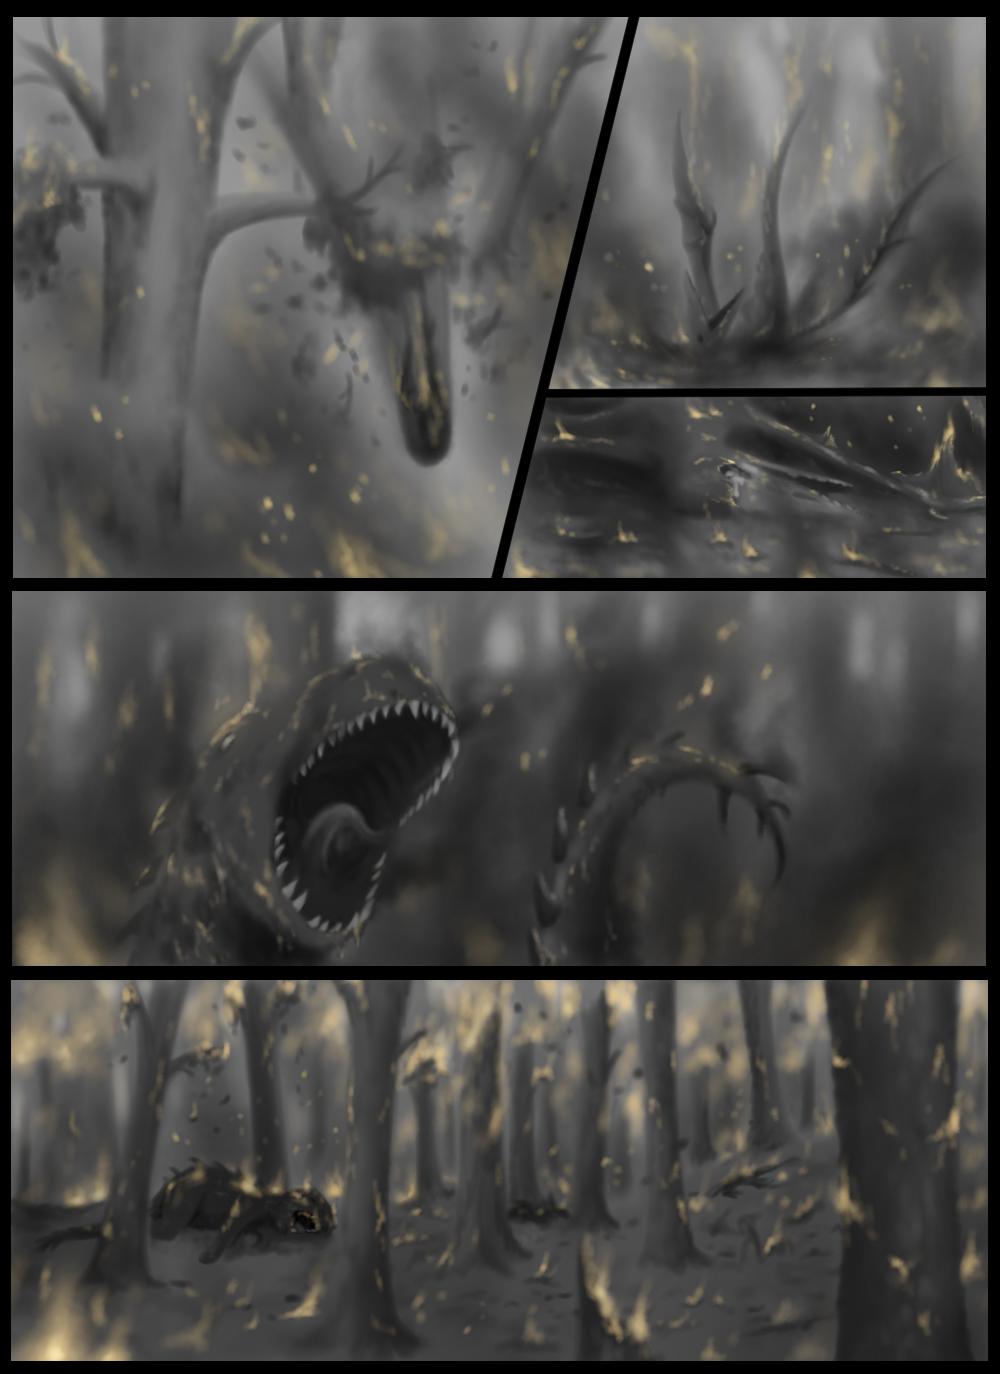 Page 79 - Devastation (Part 1)